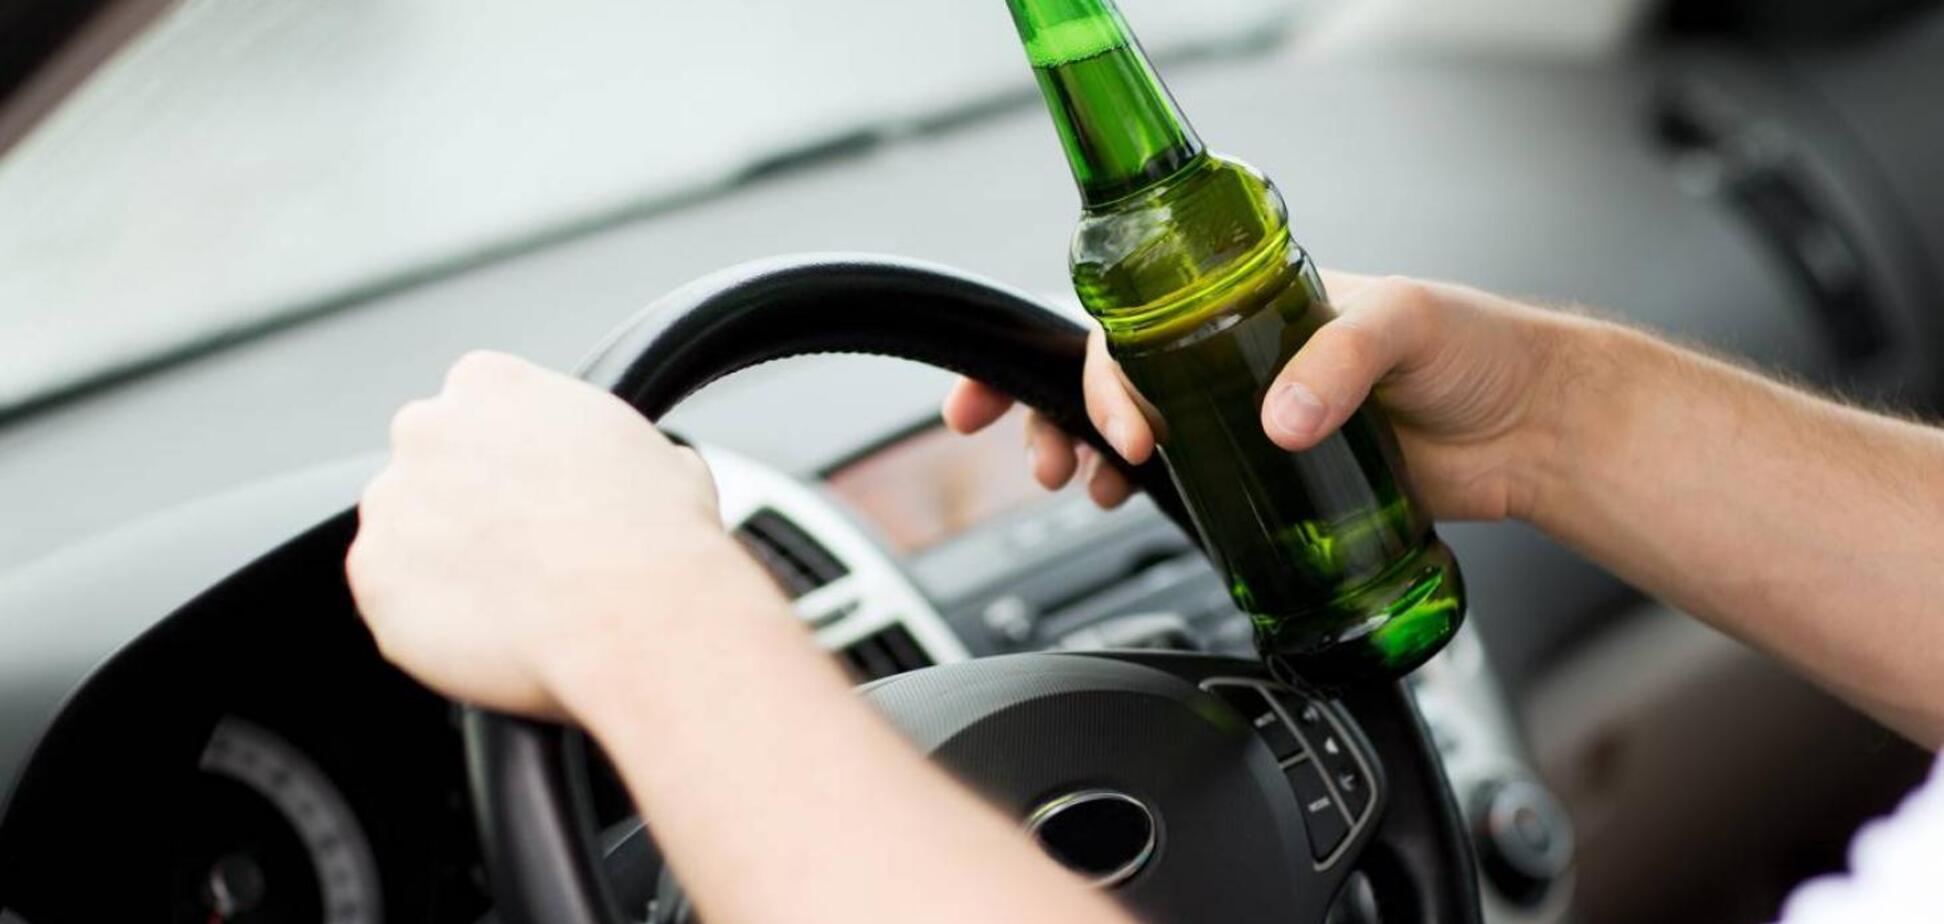 Штрафи до 40 тисяч і спецперевірки: у Раді мають намір оголосити війну п'яним водіям